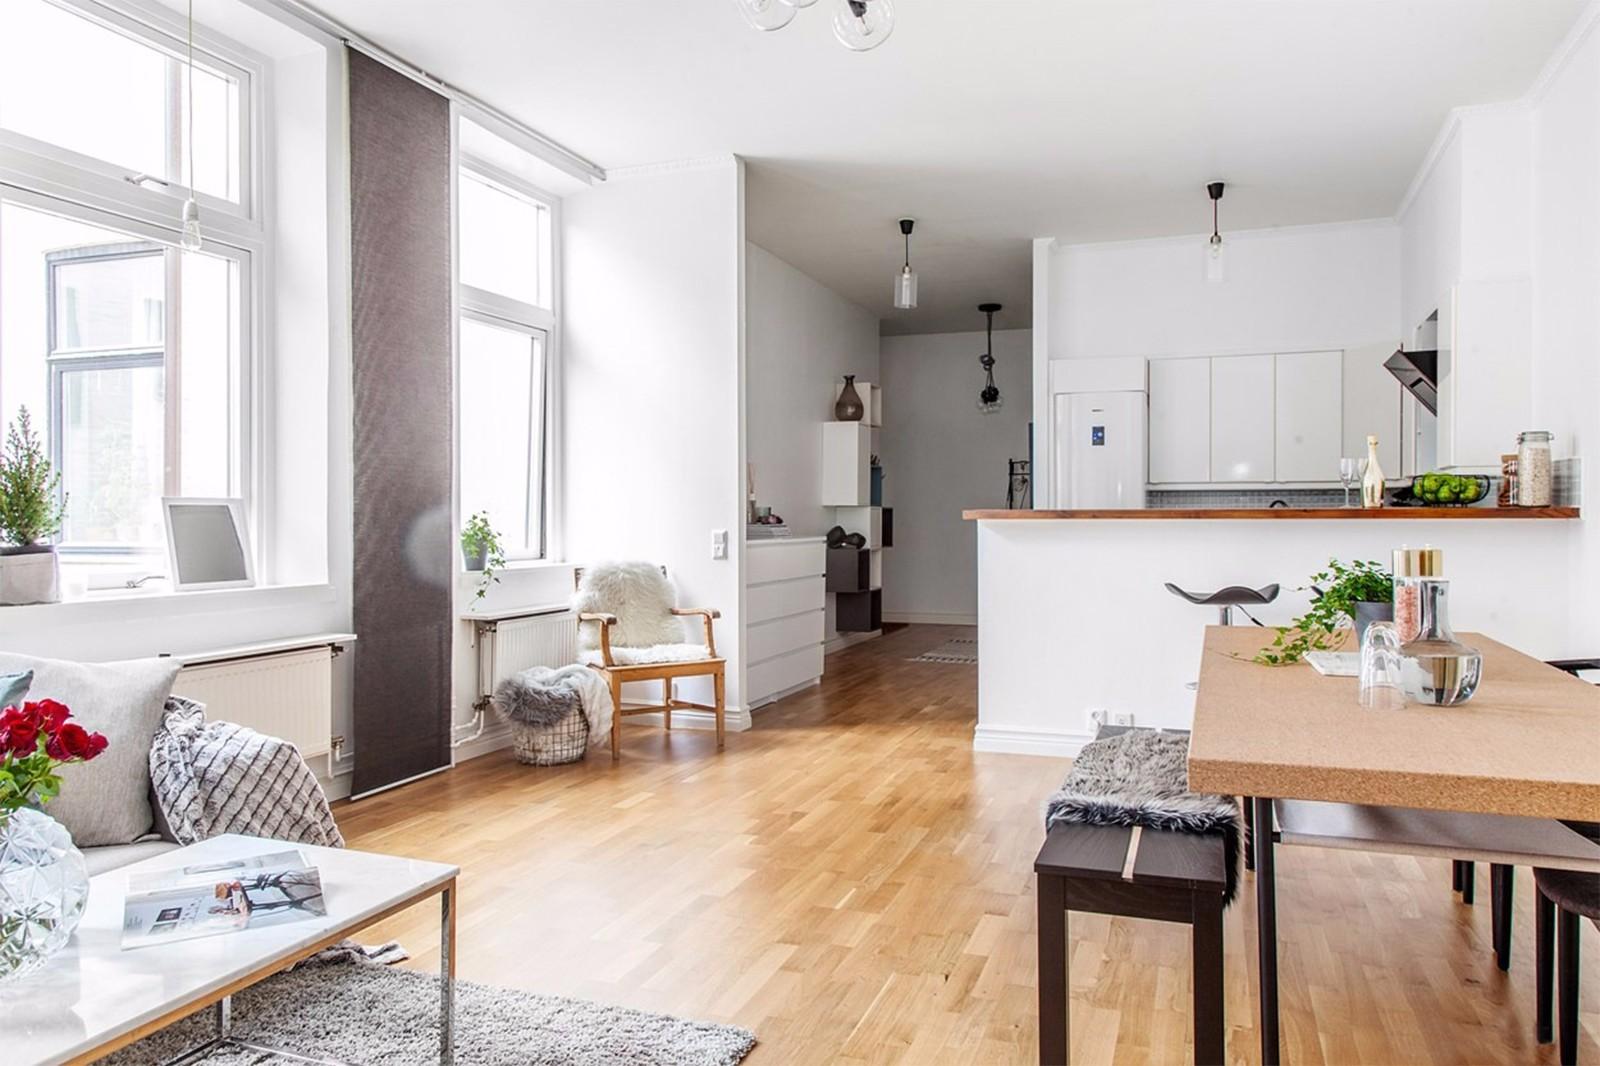 装修效果图,68平米北欧舒适公寓装修案例效果图-齐家图片